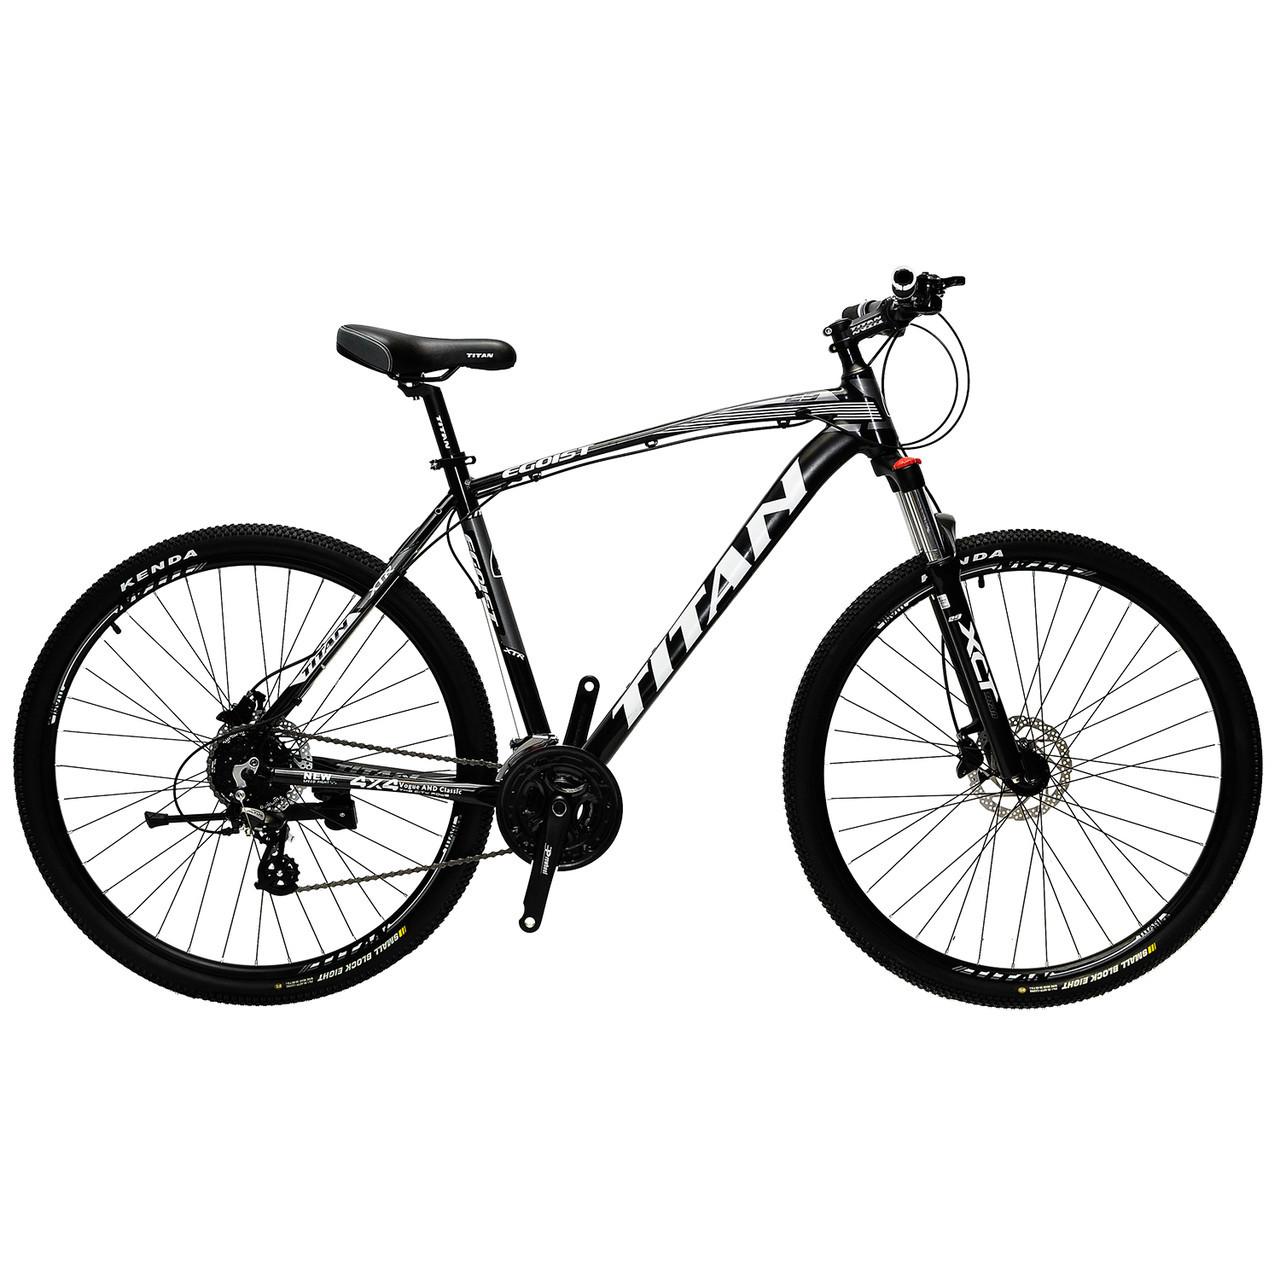 🚲Горный алюминиевый велосипед TITAN EGOIST HDD (Shimano, 24sp, Lockout); рама 21; колеса 29